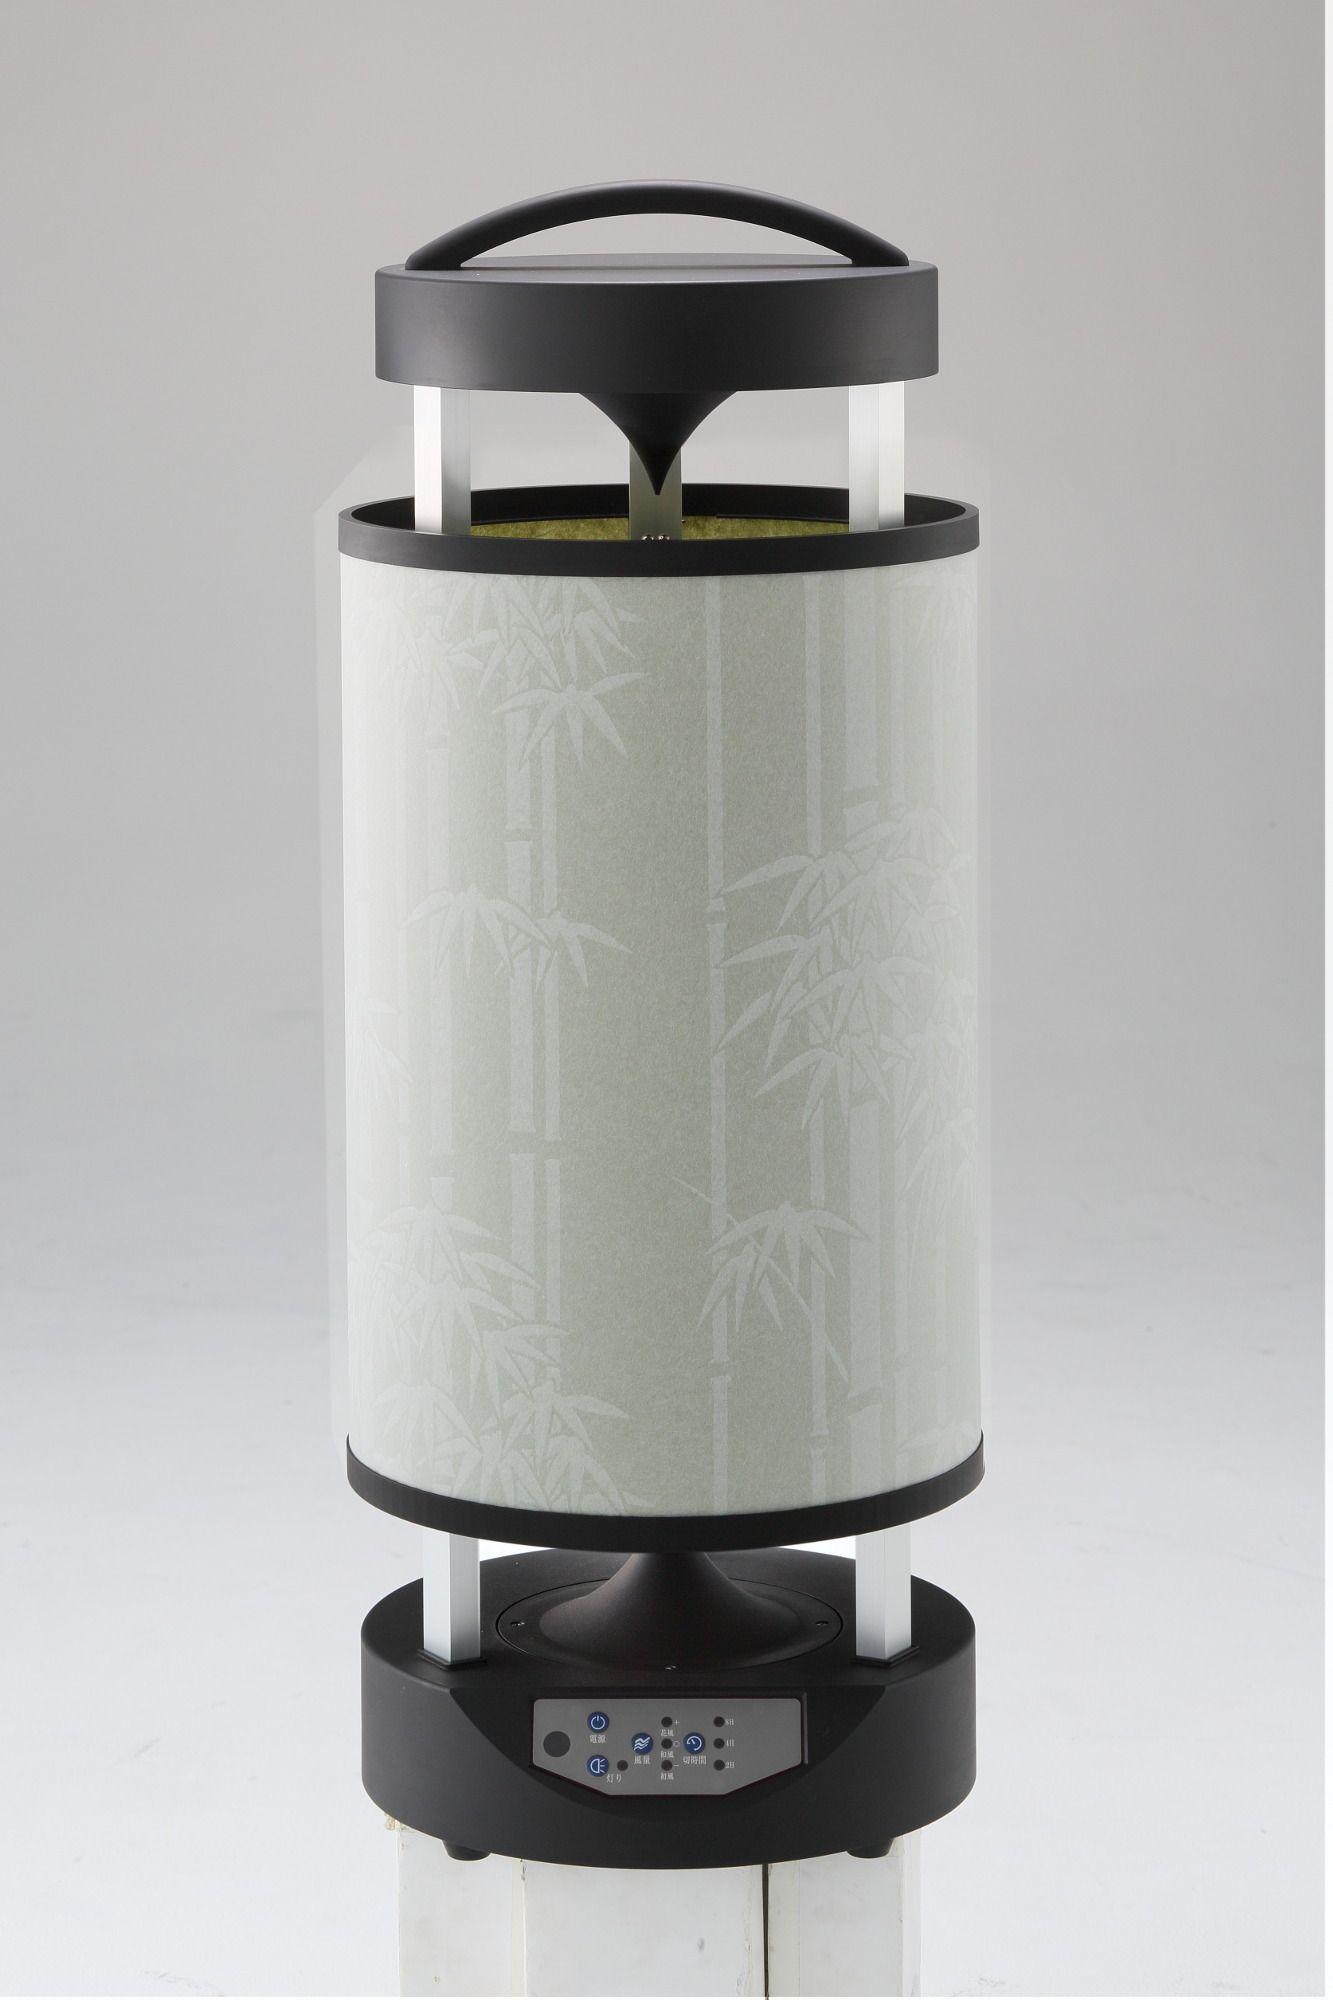 和風機とは 和風機 は 日本の家電に日本の良き文化や技術を採り入れて家電を持つ喜び 使う愉しみで人の笑顔を増やしたい という和家電プロジェクトから生まれたオリジナル家電第1弾商品です 高級 扇風機 高級家電 としての側面も持っています 扇風機